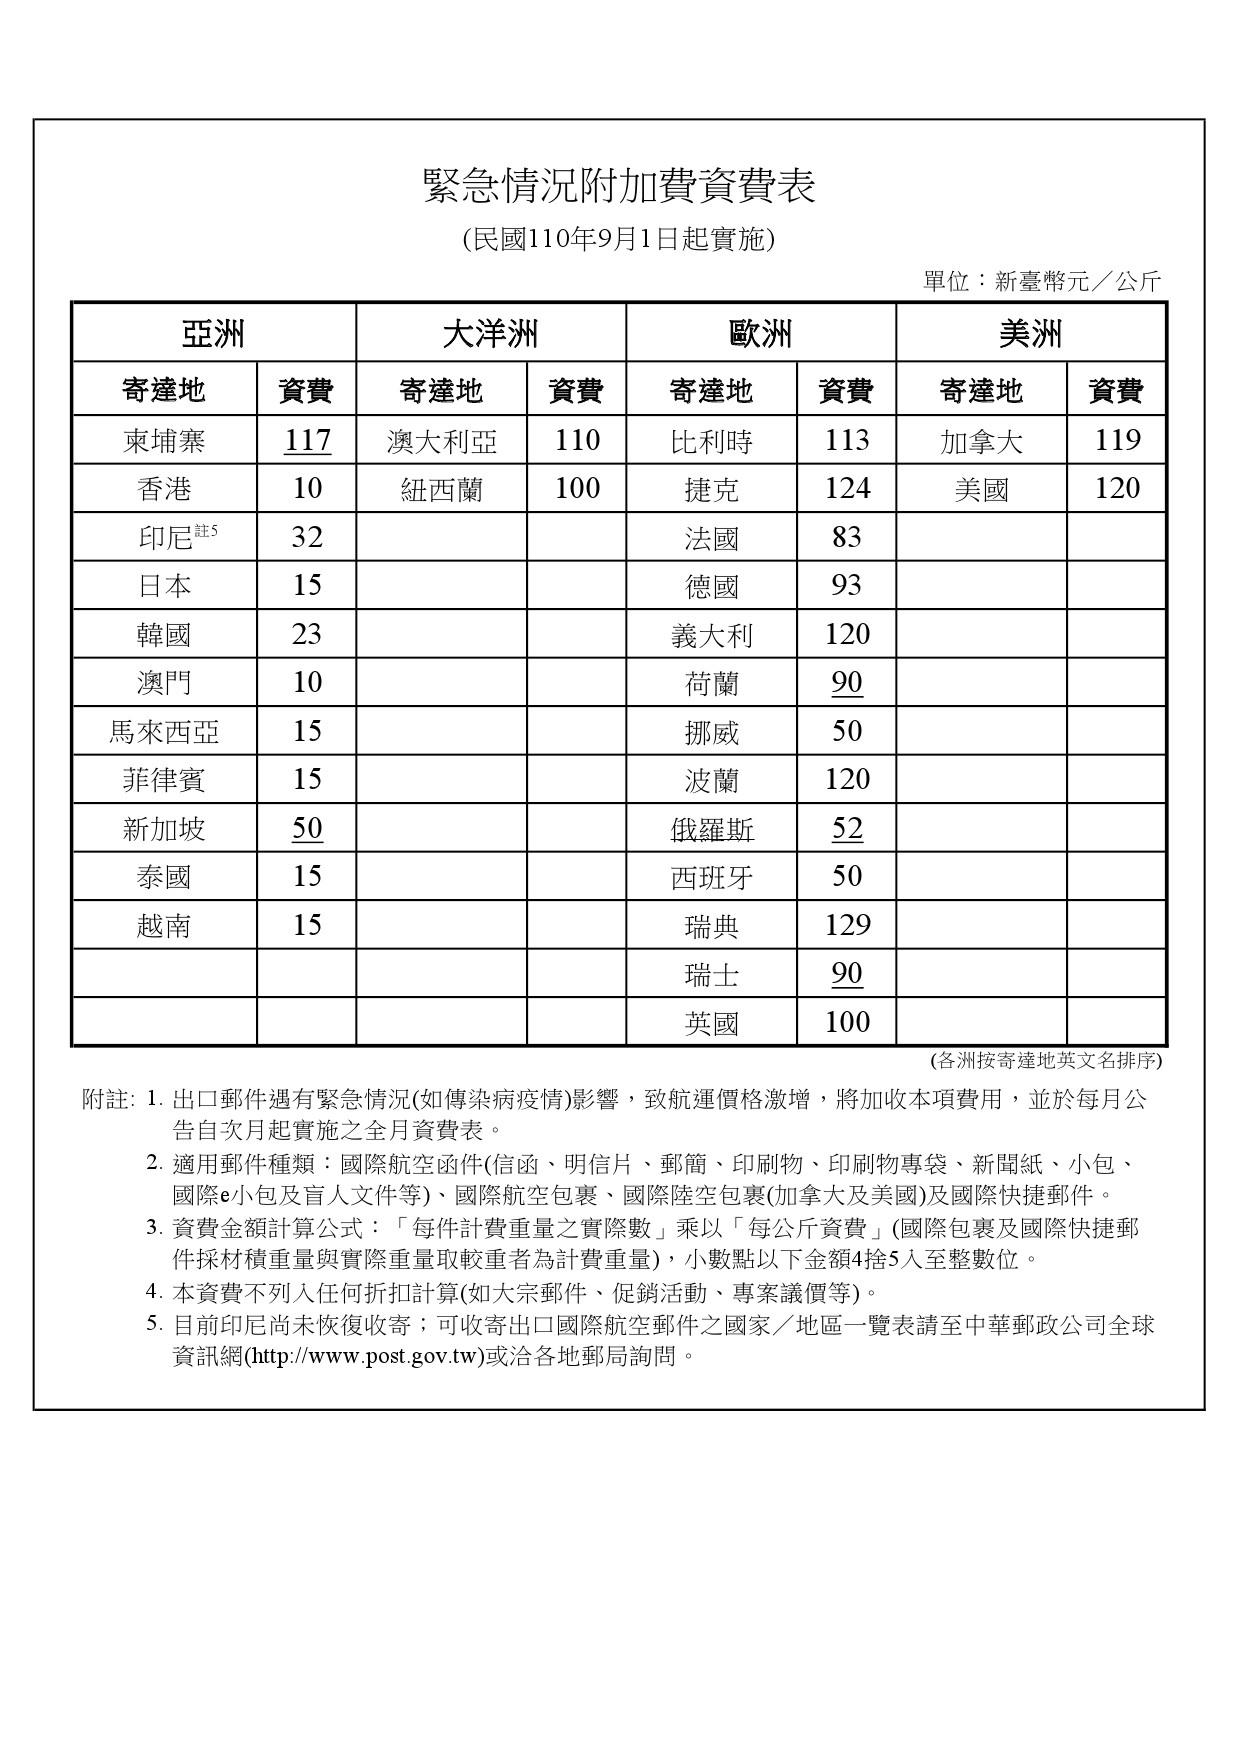 緊急情況附加費資費表(1100901實施)